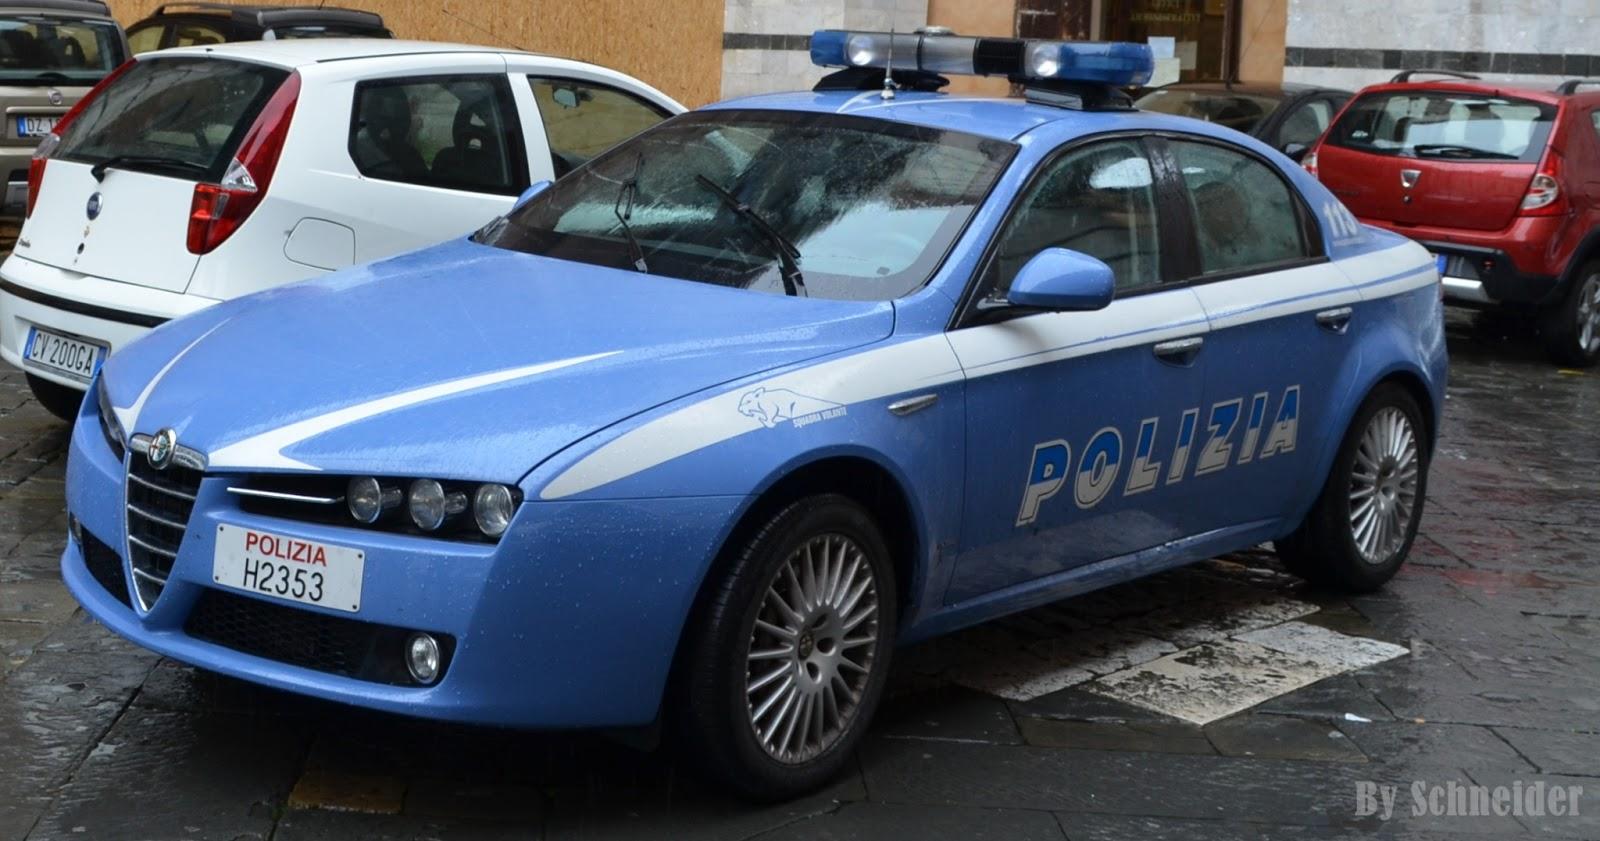 ALFA ROMEO 159 - POLÍCIA DE SIENA - ITÁLIA